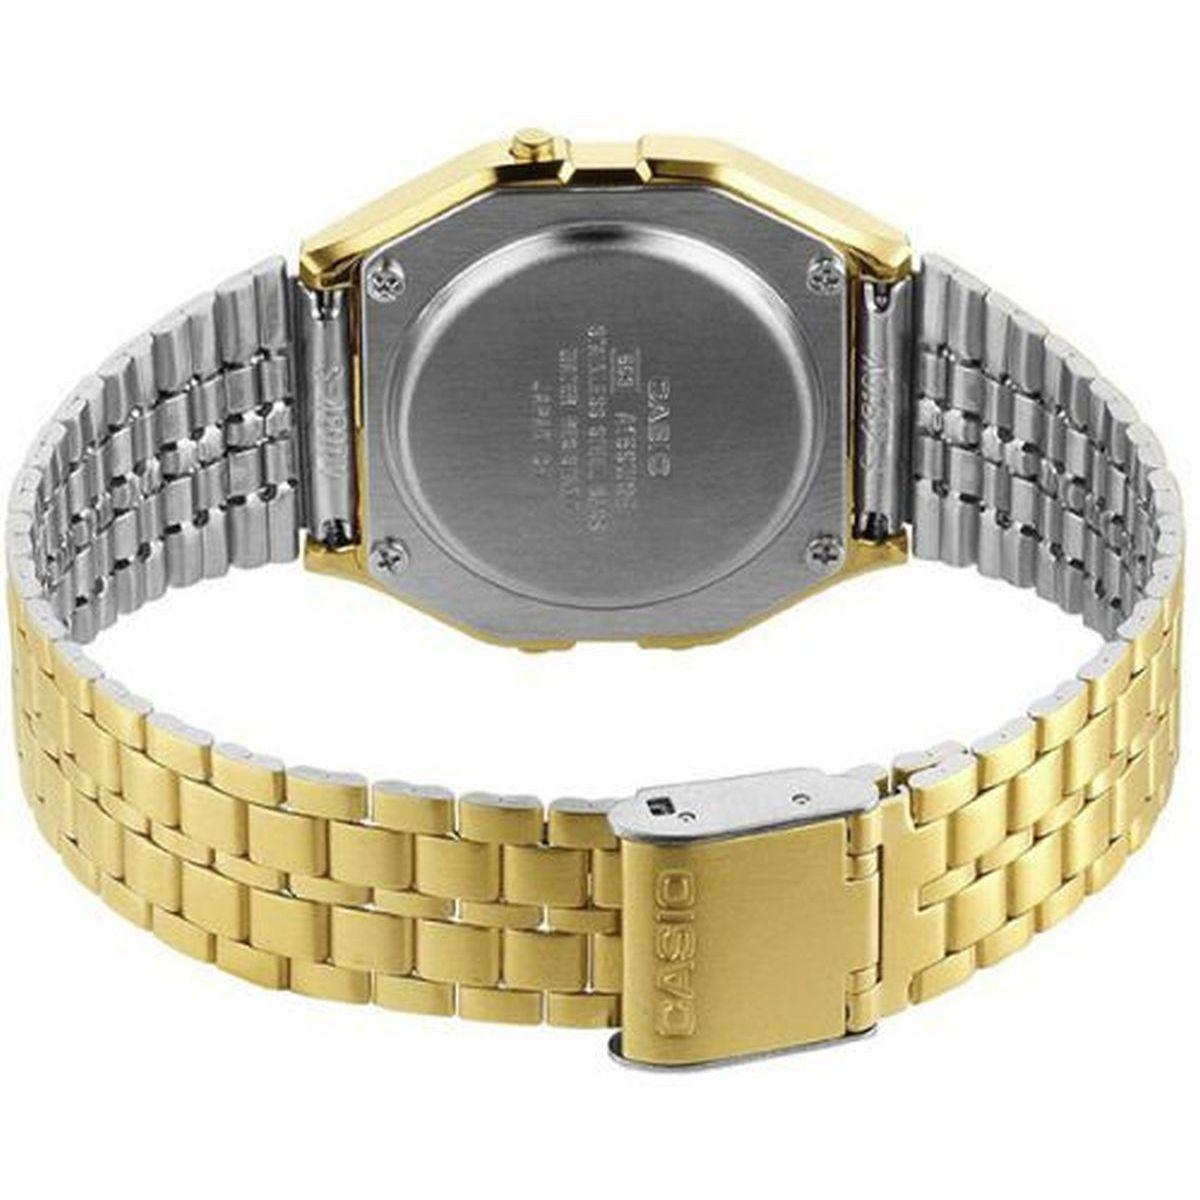 0ba5689b3ac Relogio Unissex Casio Digital A159wgea-1df - Preto dourado - Relógio ...